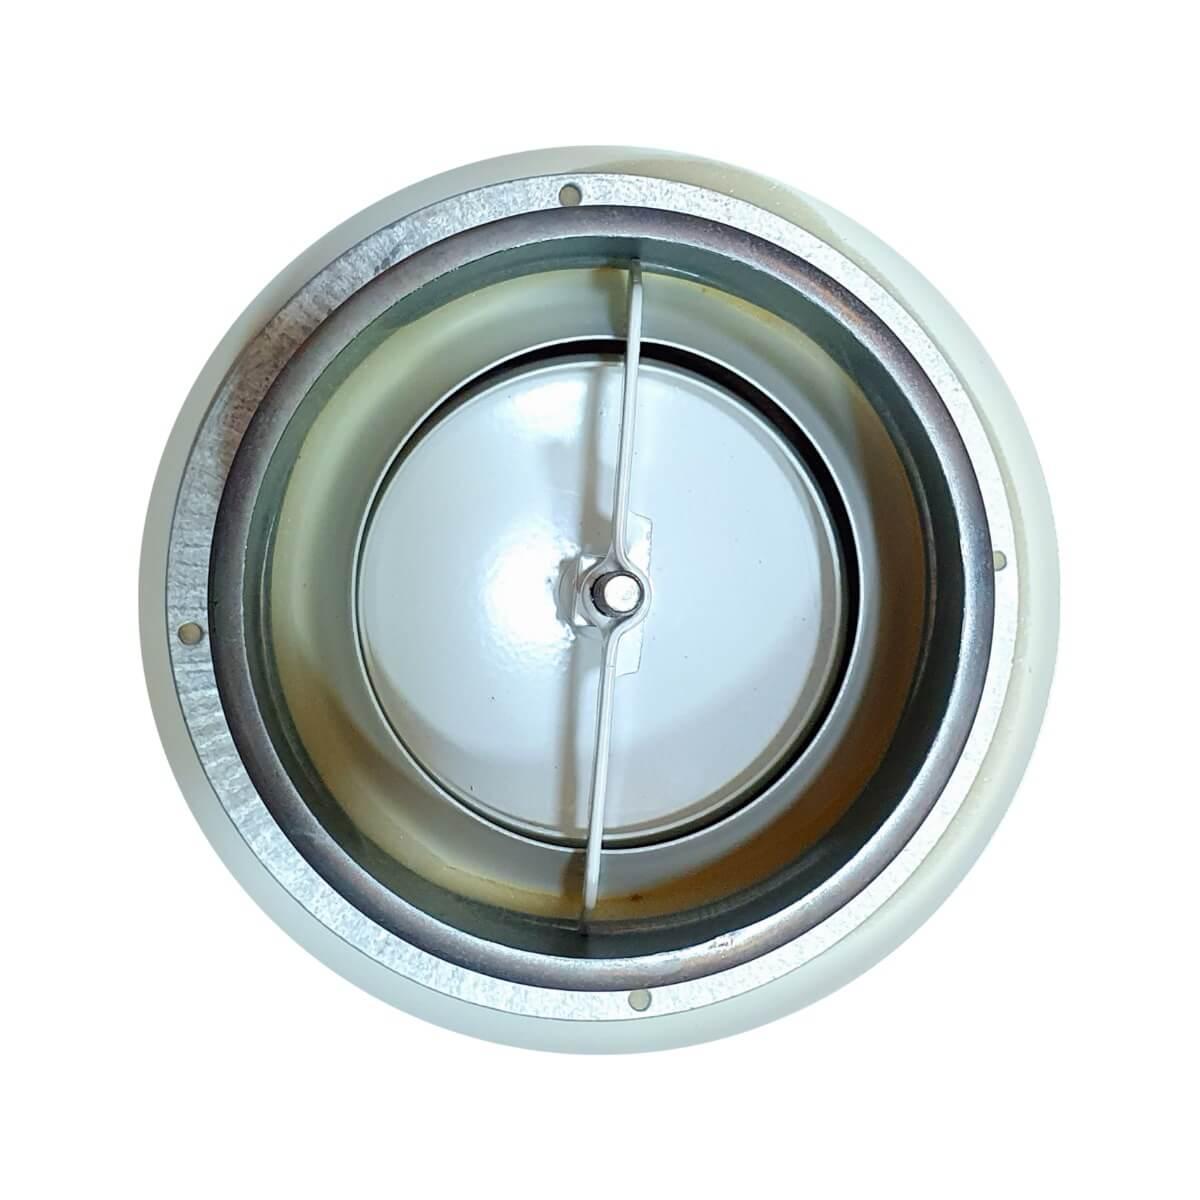 Difusor Circular Metálico de Exaustão e Insuflamento 100mm Soler & Palau